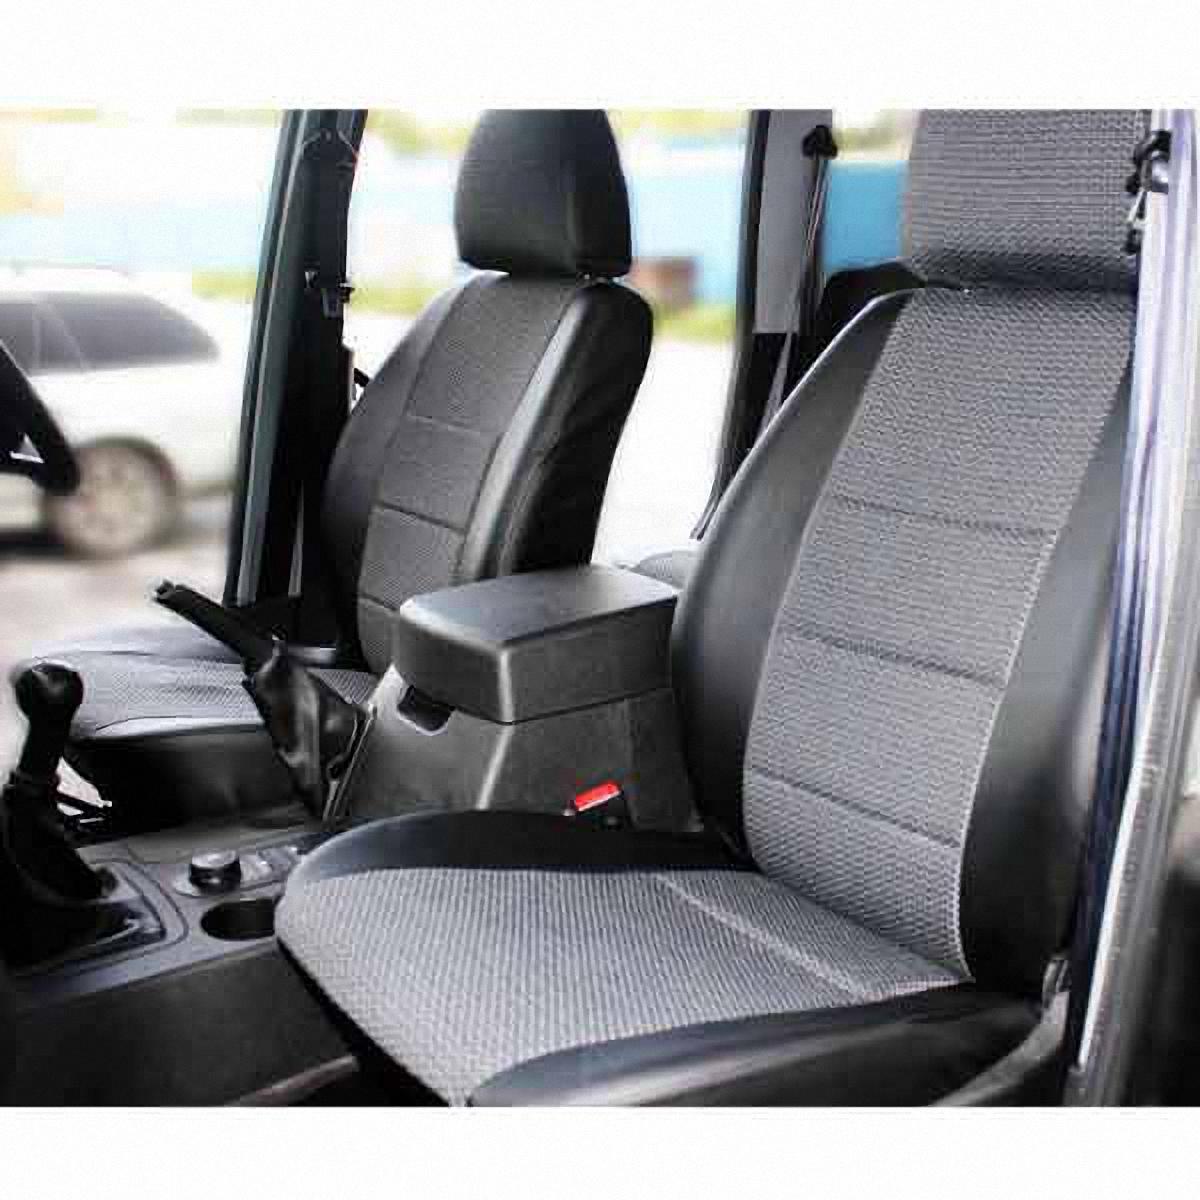 Чехлы автомобильные Skyway, для УАЗ Patriot 2014-. U2-2K98298123_черныйАвтомобильные чехлы Skyway изготовлены из качественного жаккарда и экокожи. Чехлы идеально повторяют штатную форму сидений и выглядят как оригинальная обивка сидений. Разработаны индивидуально для каждой модели автомобиля. Авточехлы Skyway просты в уходе - загрязнения легко удаляются влажной тканью. Чехлы имеют раздельную схему надевания. В комплекте 12 предметов.